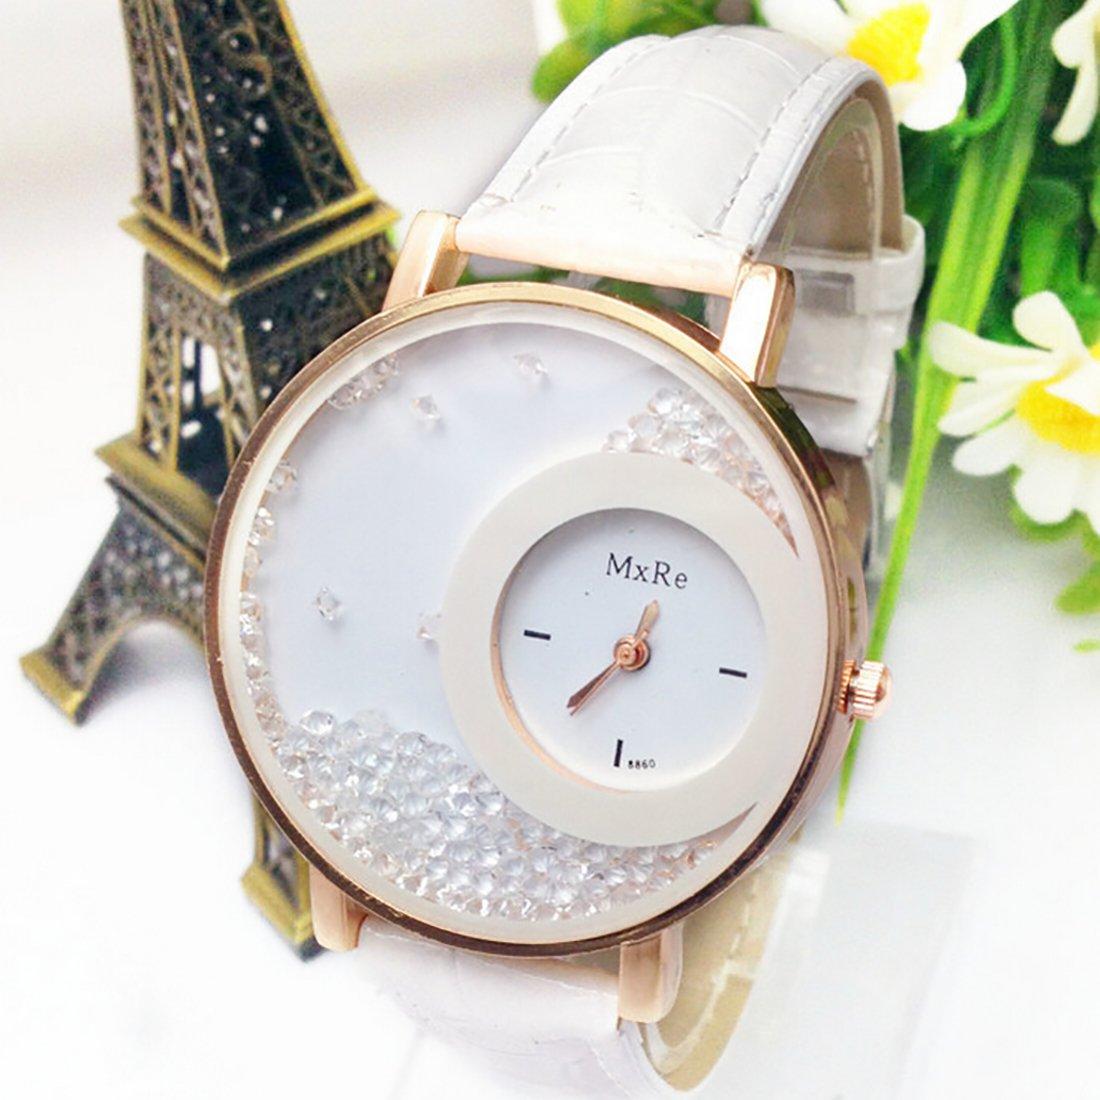 Amazon.com: 2016 Relogio Feminino Reloj Watch Women Femme Rhinestone Pu Leather Casual Quartz Watch Bracelet Wristwatch Women White: Watches